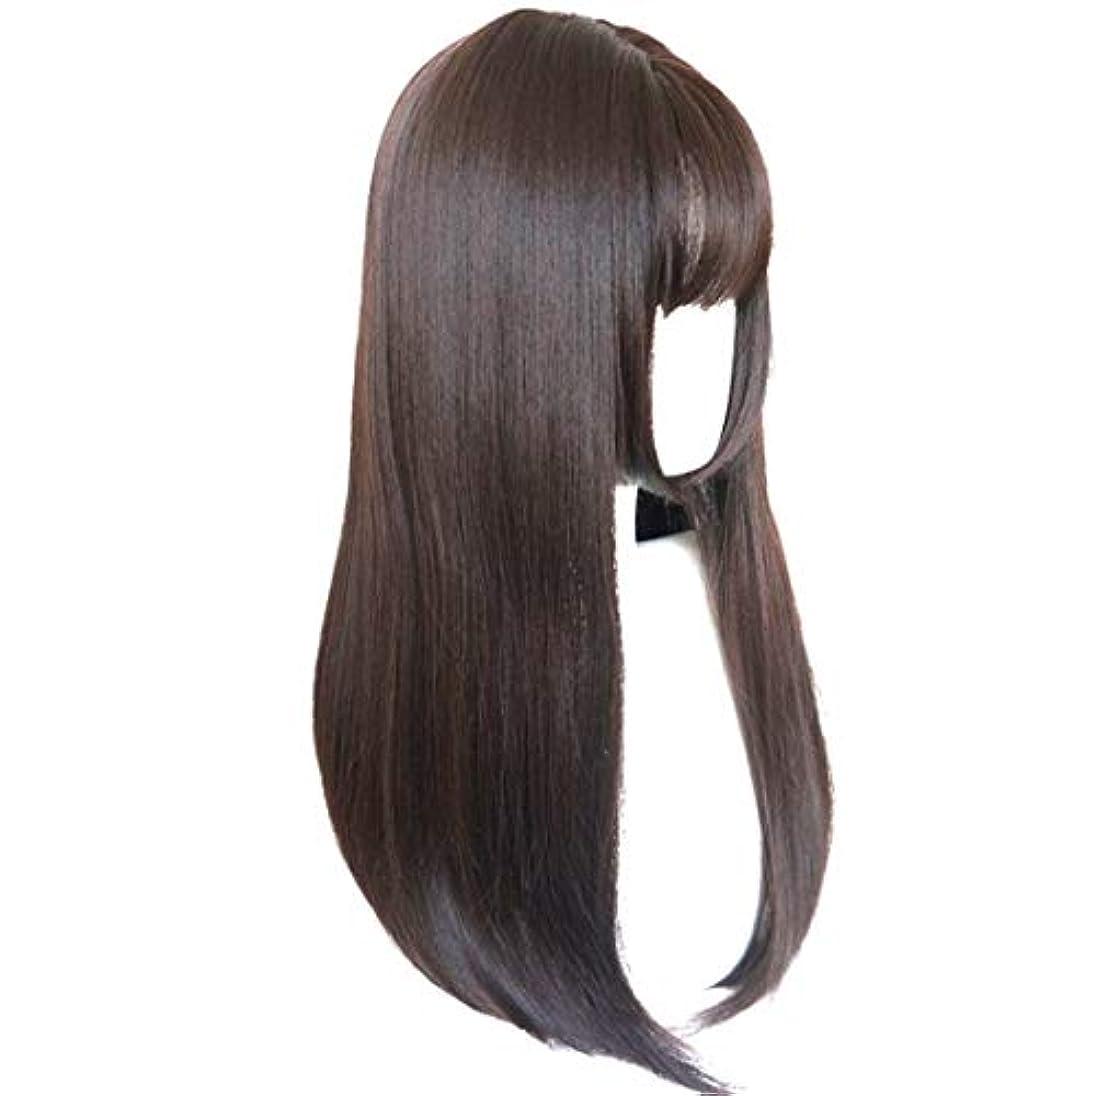 技術今晩見落とすKerwinner かつら完全なかつら女性のための耐熱性耐熱性でかつらストレートロング人工毛